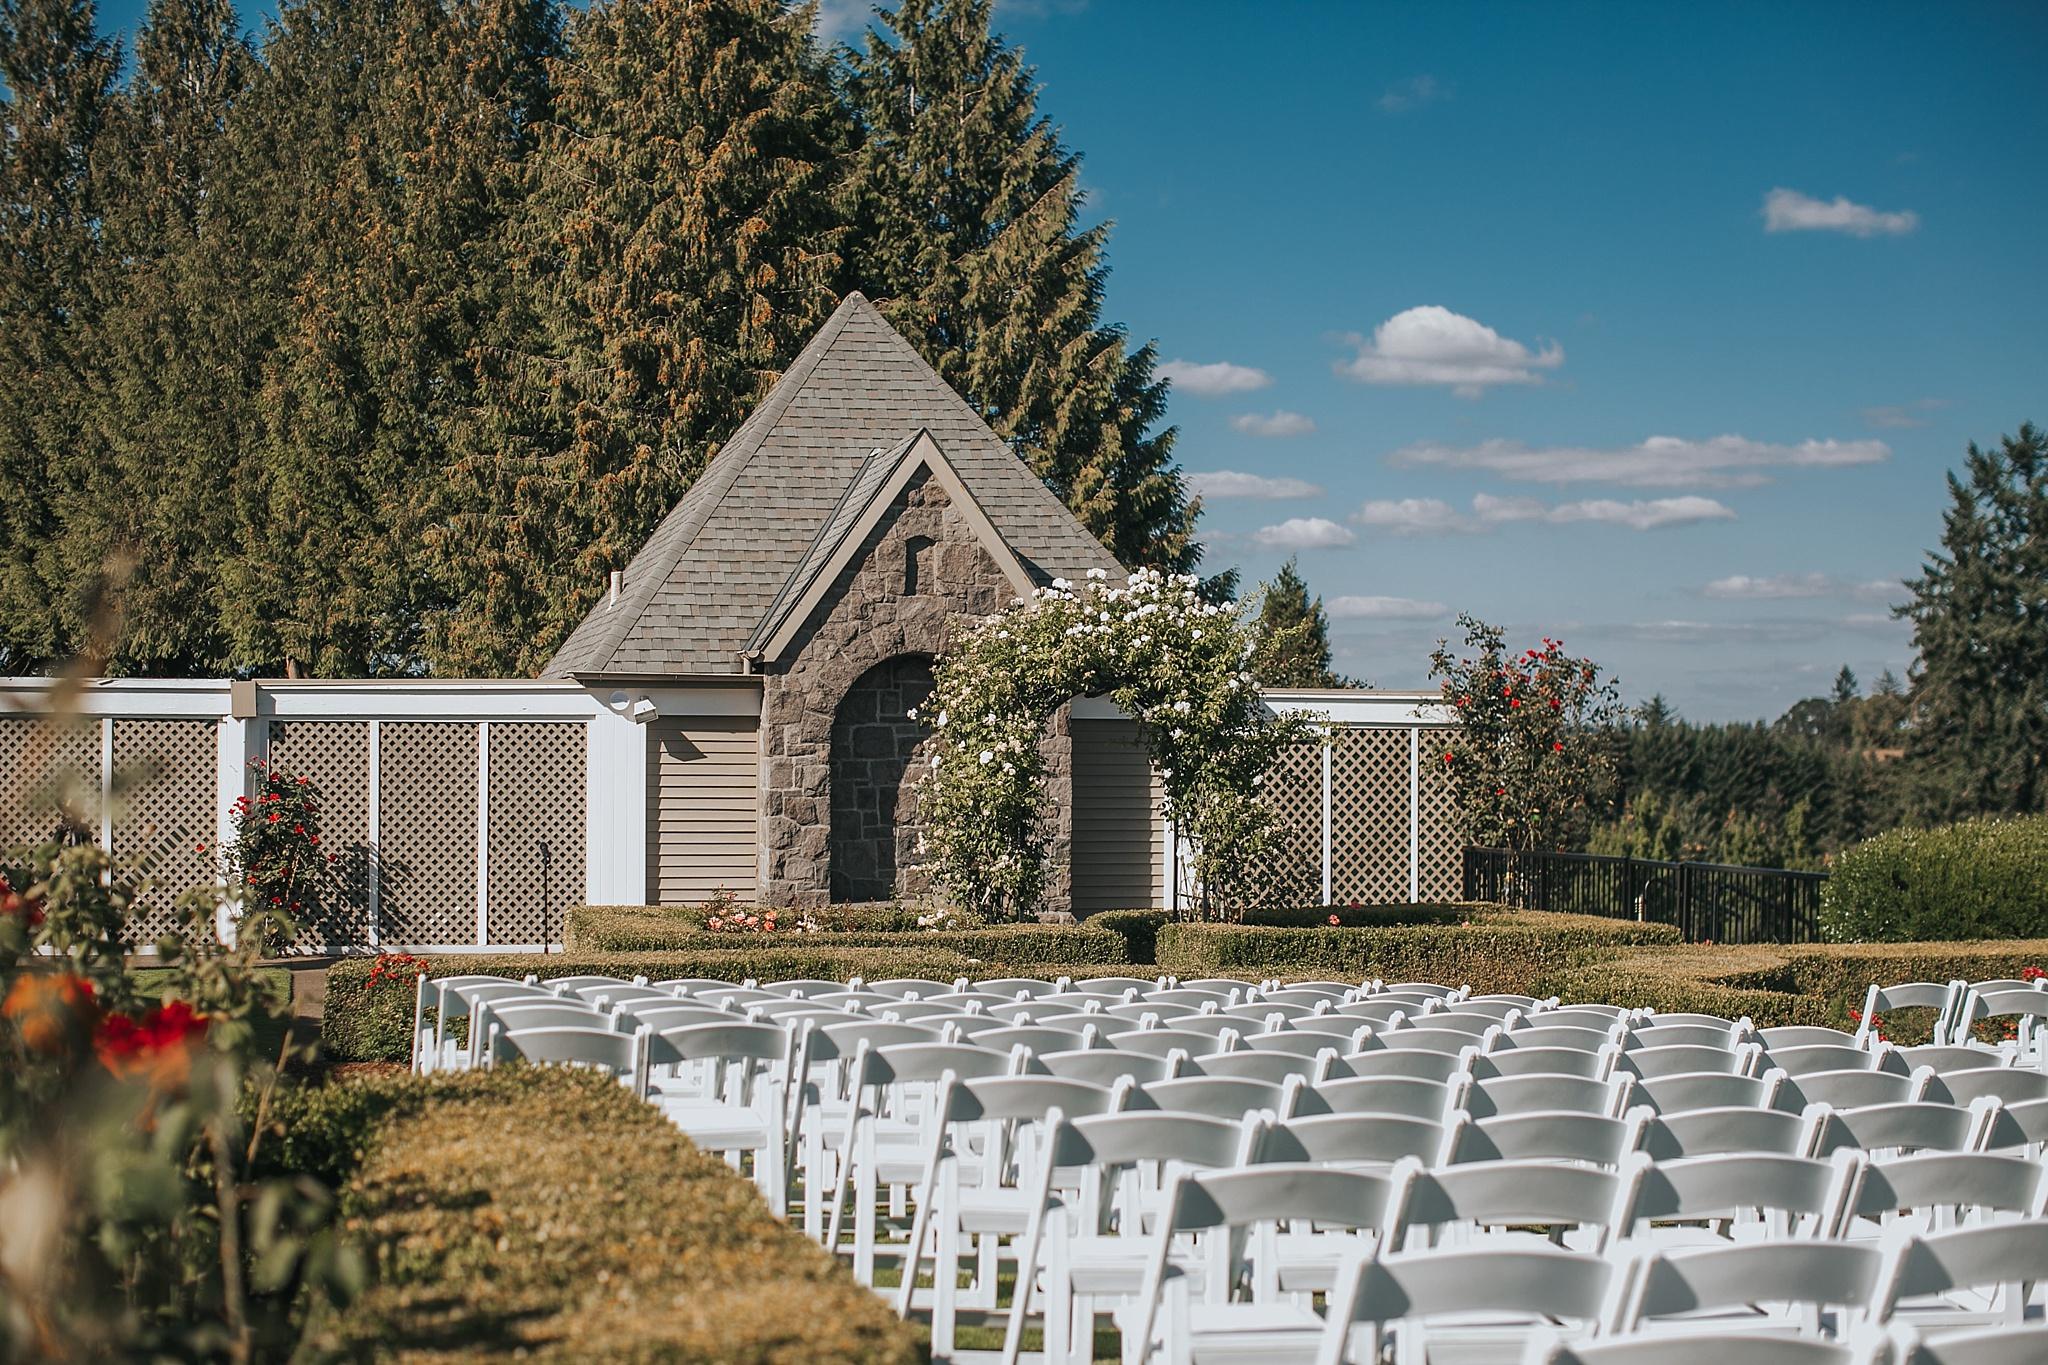 oregon golf club wedding ceremony